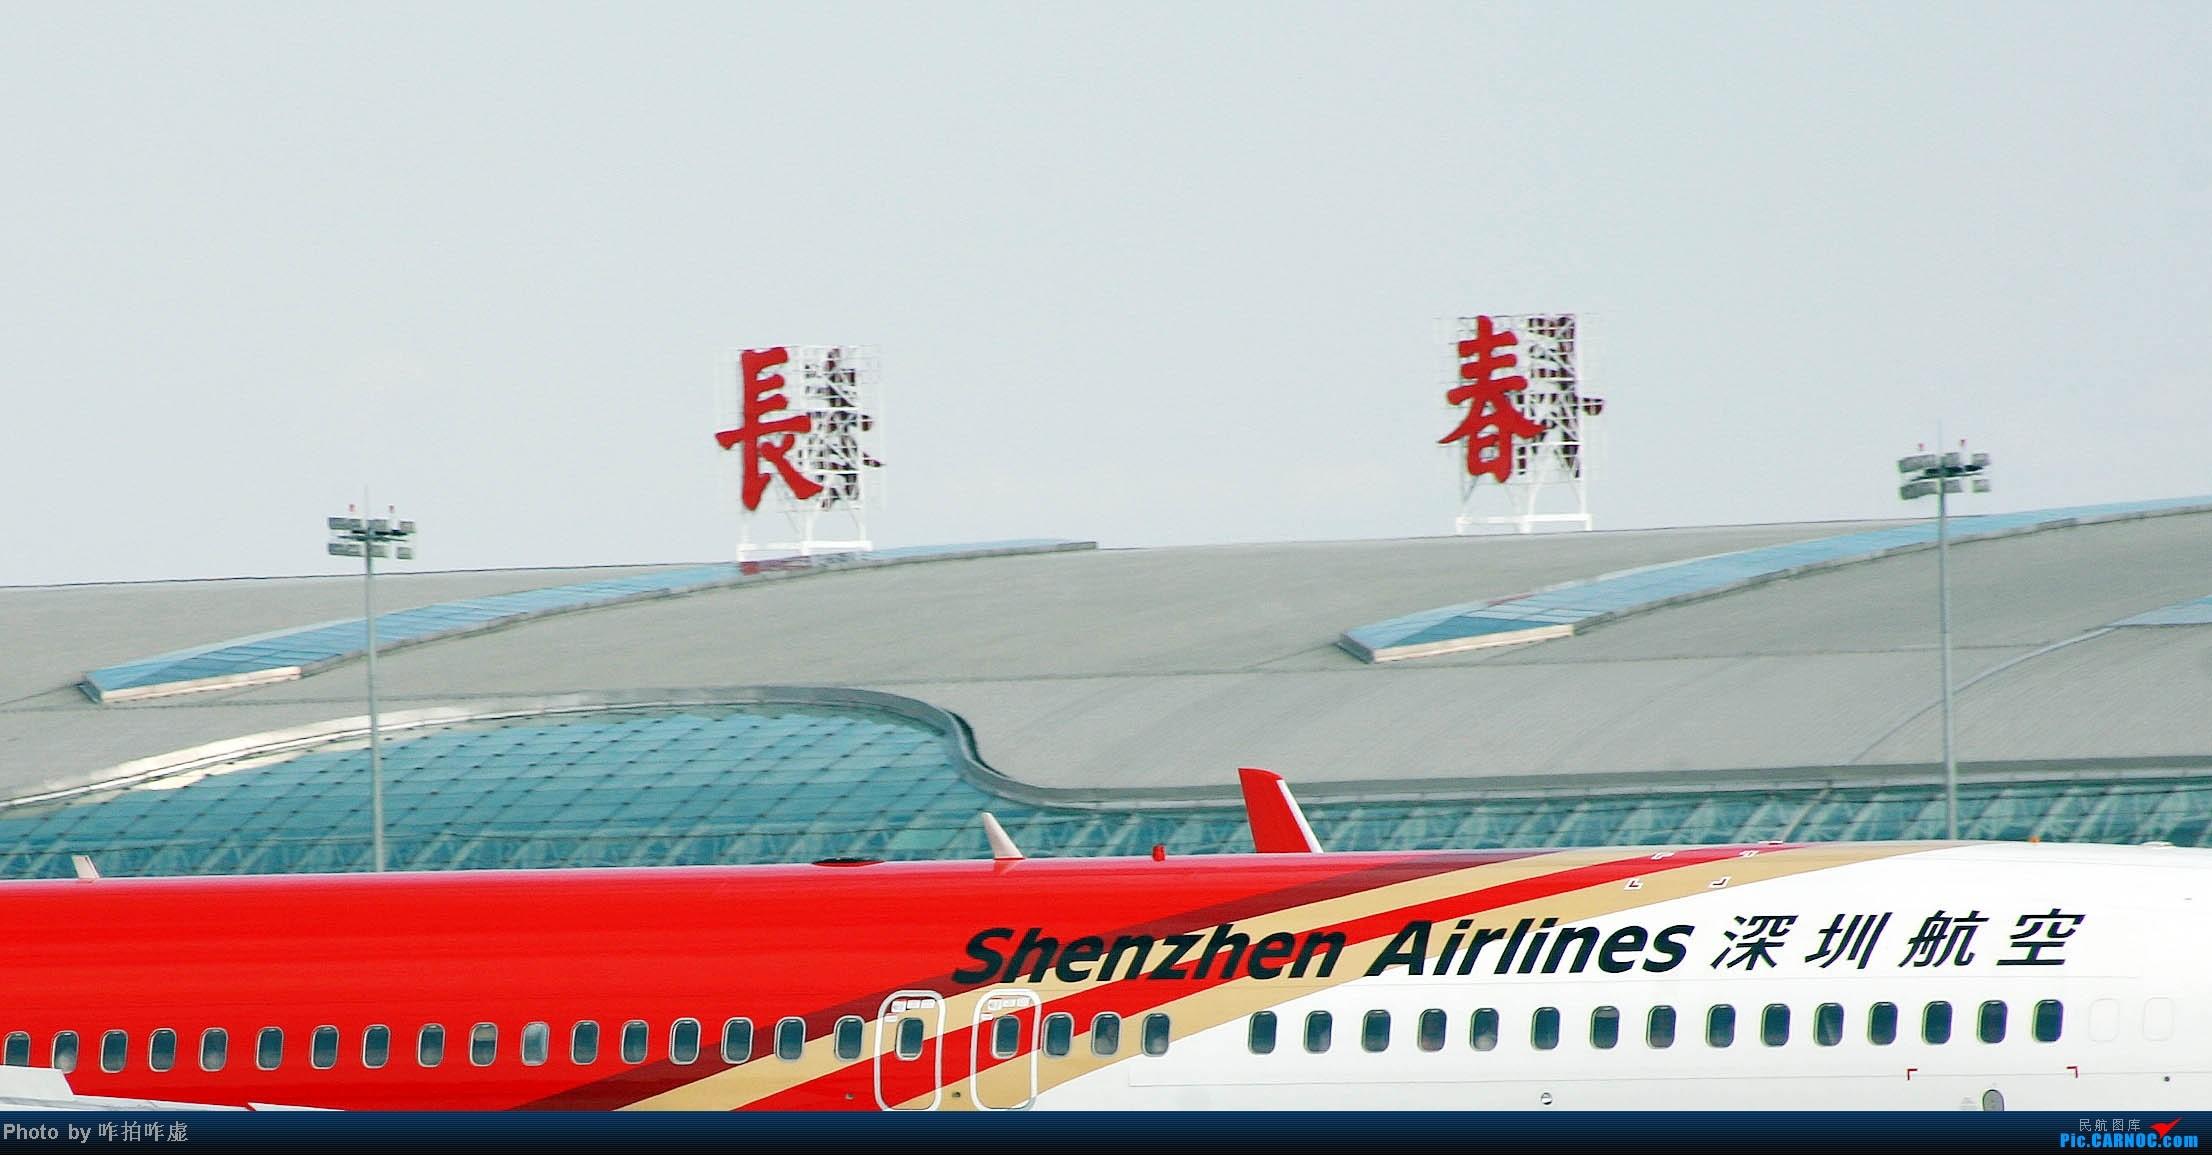 Re:[求]跪求各城市机场航站楼醒目标志LOGO照片,小弟在此谢过了。谢谢谢谢,赠送小飞机o    中国长春龙嘉国际机场 飞友